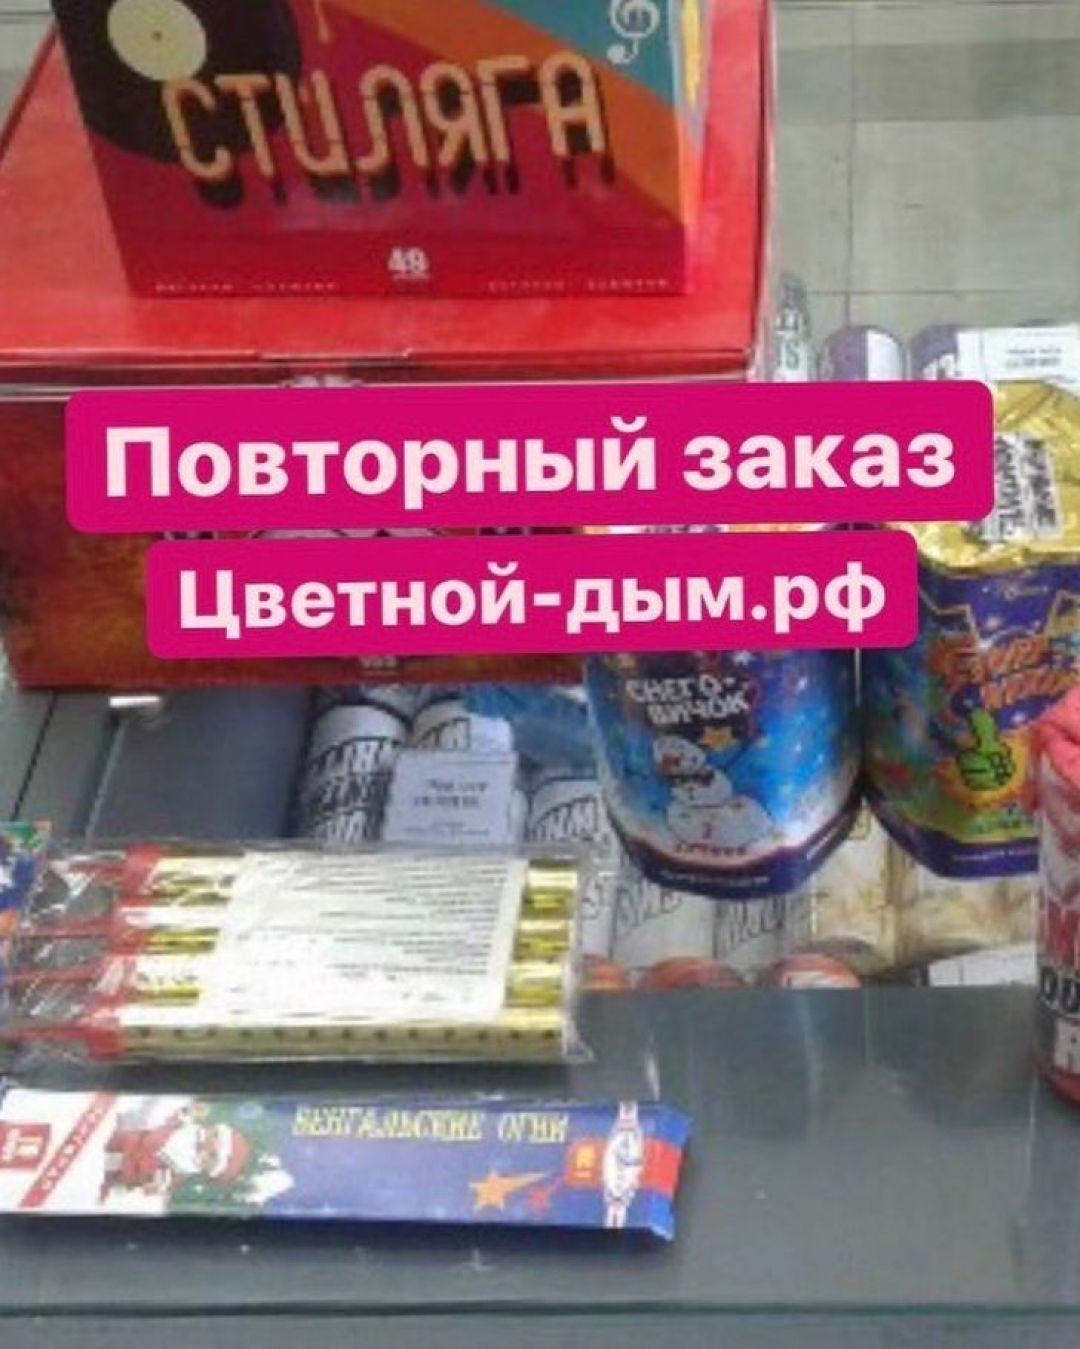 Фейерверки и дым - Цветной-дым.рф отзывы